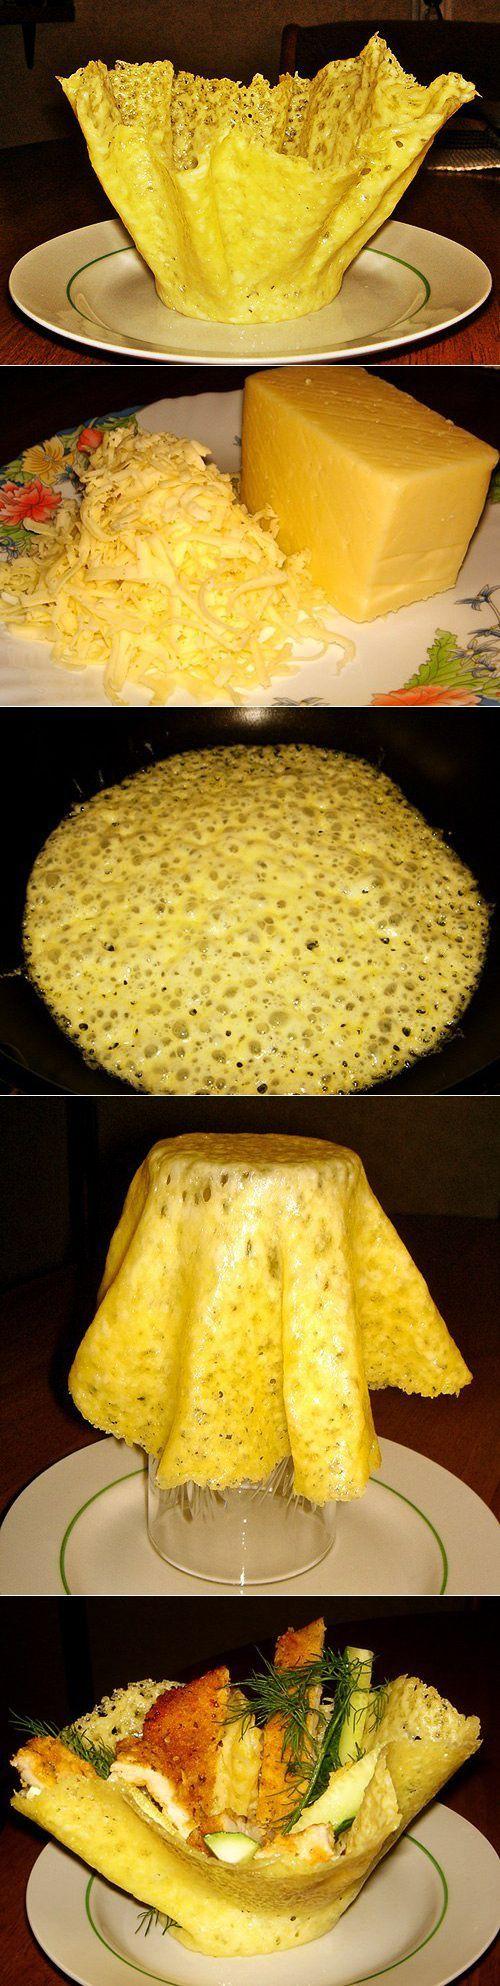 Приготовление сырных корзиночек | Готовим вместе | сытно есть | Постила